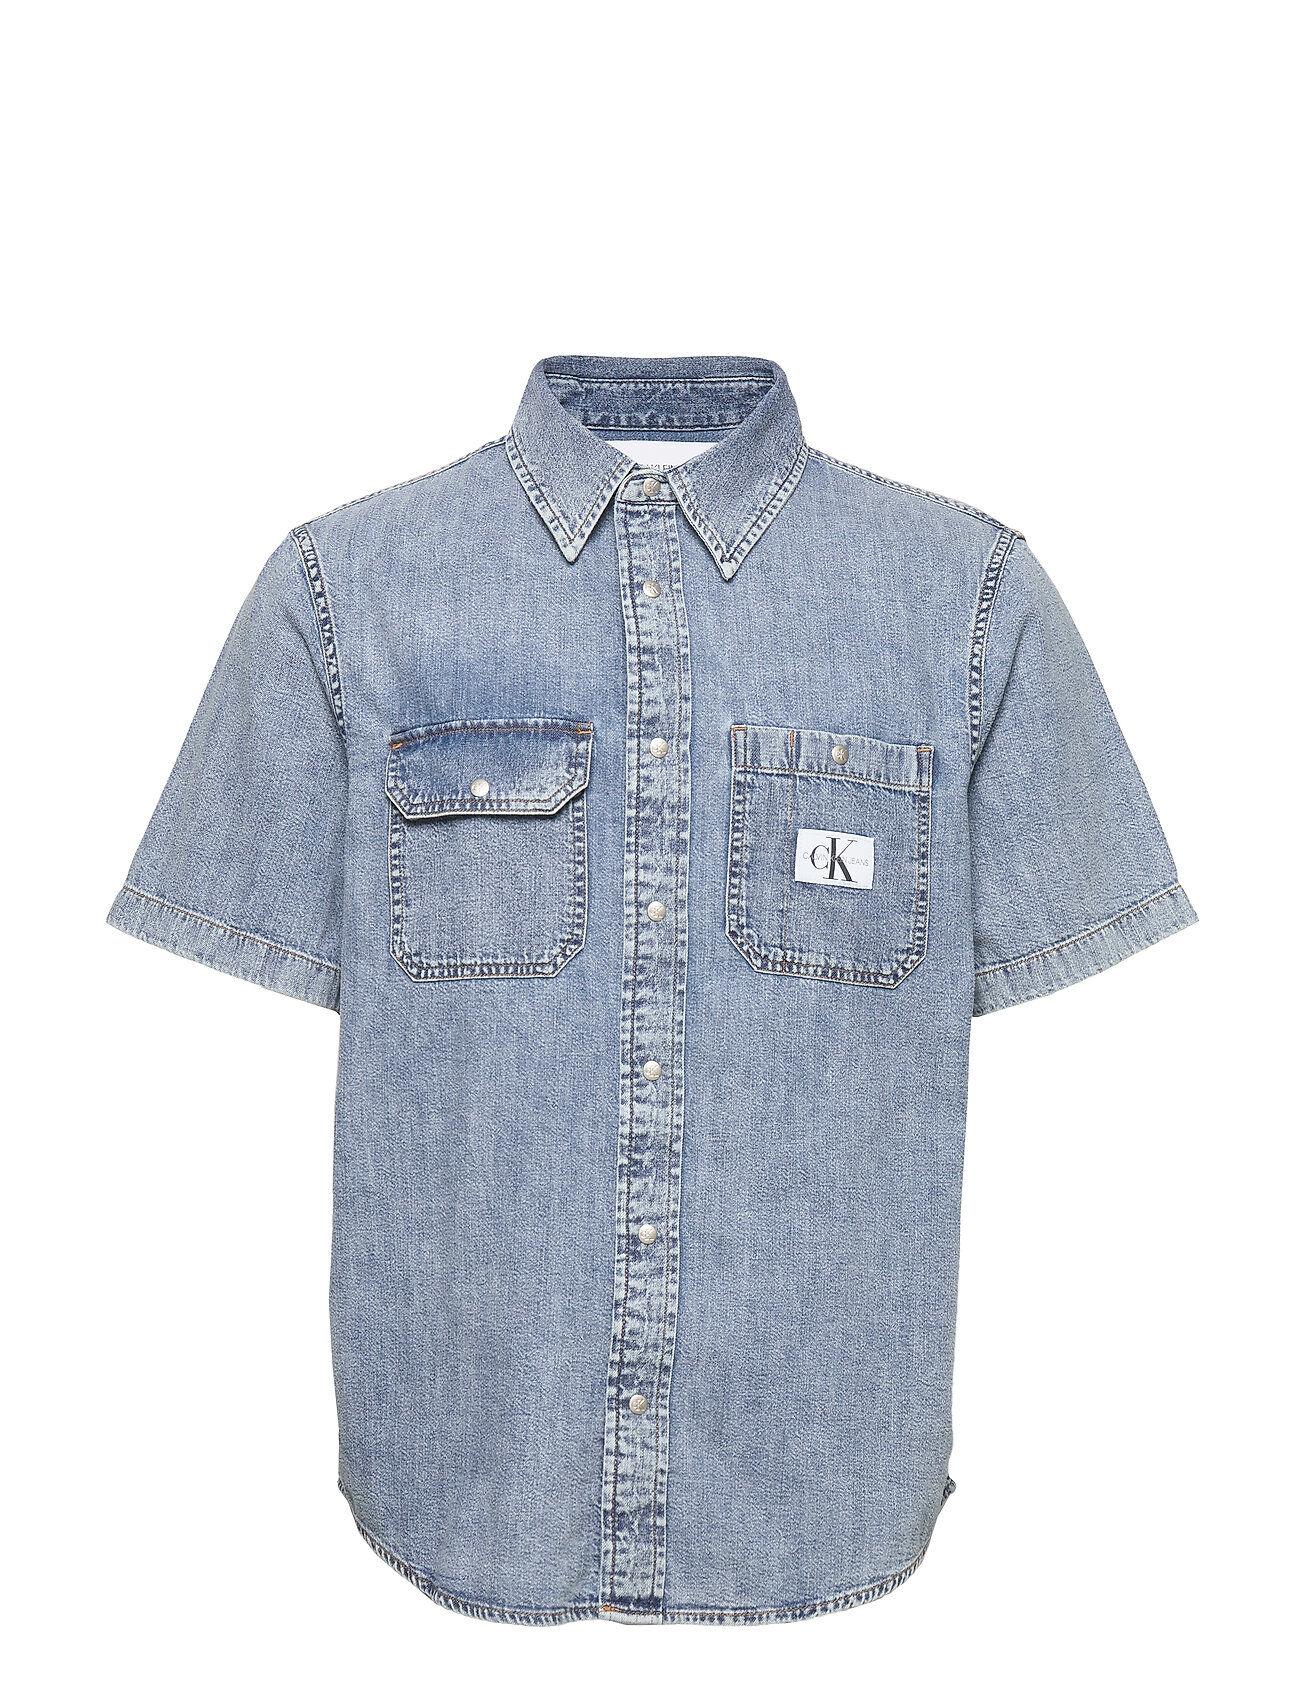 Image of Calvin Short Sleeve Utility Shirt Lyhythihainen Paita Sininen Calvin Klein Jeans